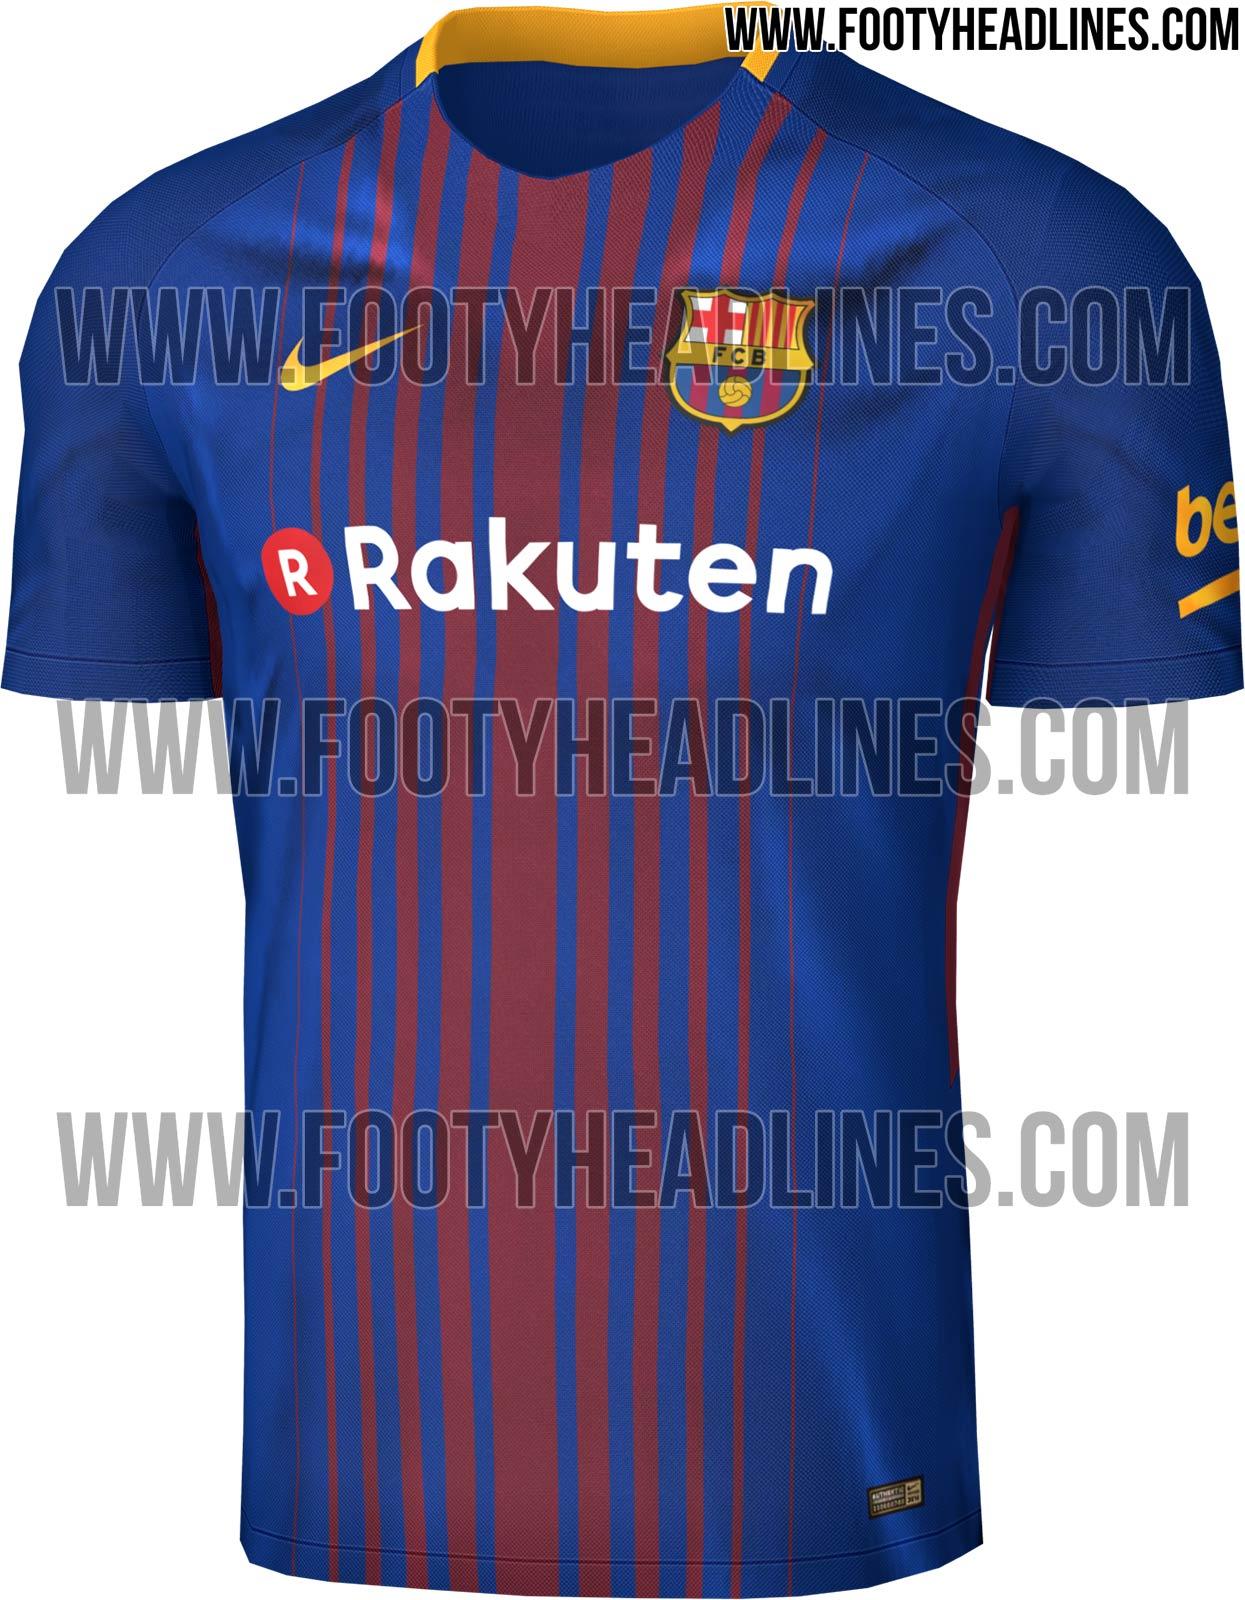 O site especializado em camisas de futebol Footy Headlines publicou nesta  quinta (23) como deve ficar a camisa do Barcelona para a próxima temporada  do ... d743dcdbc16